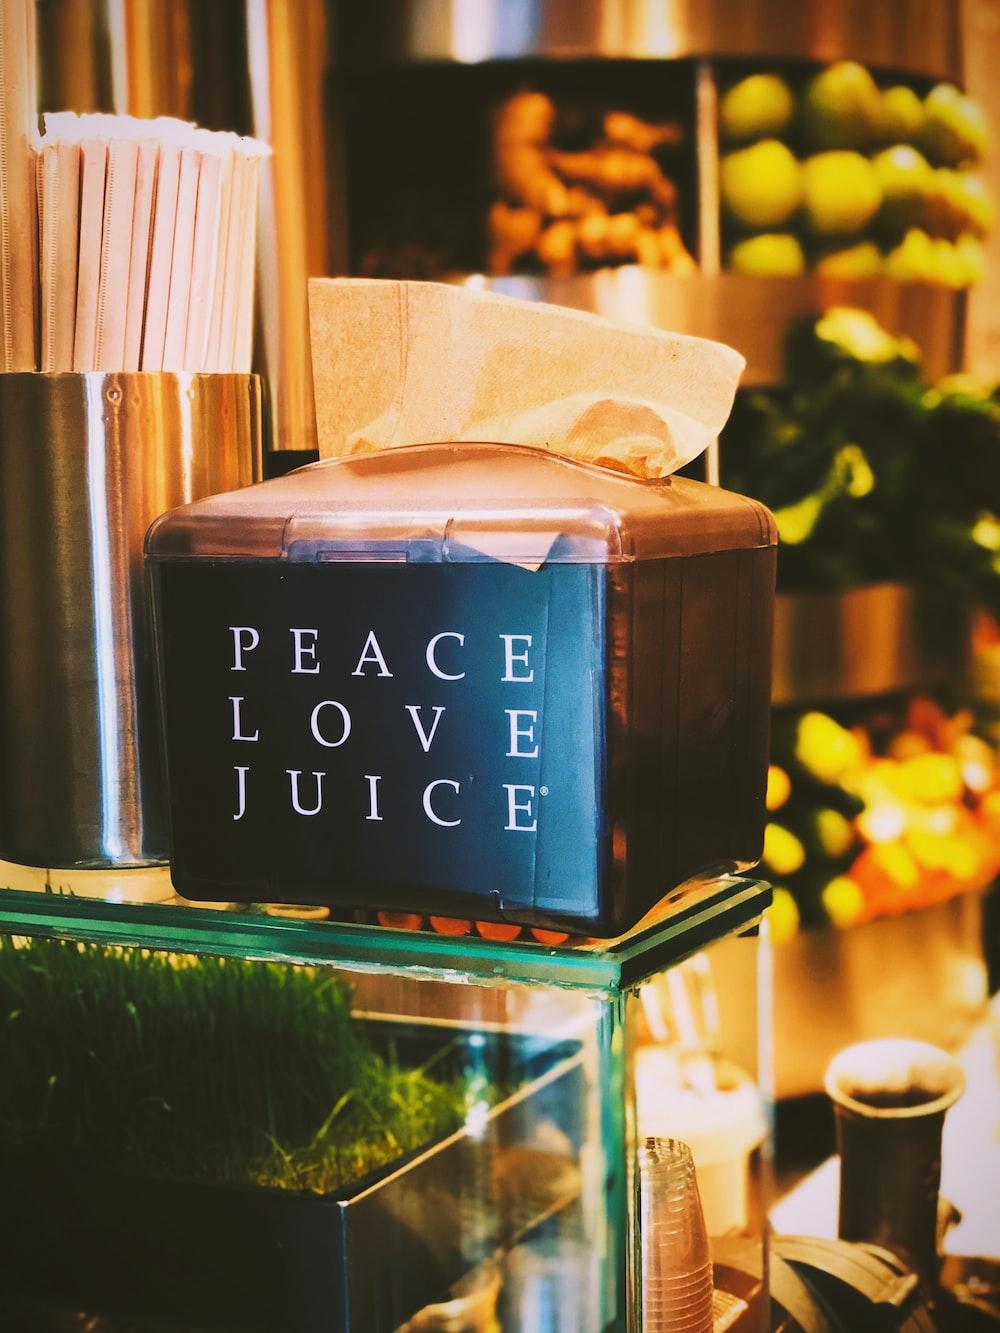 Juice Recipes - Choosing Best Juicer